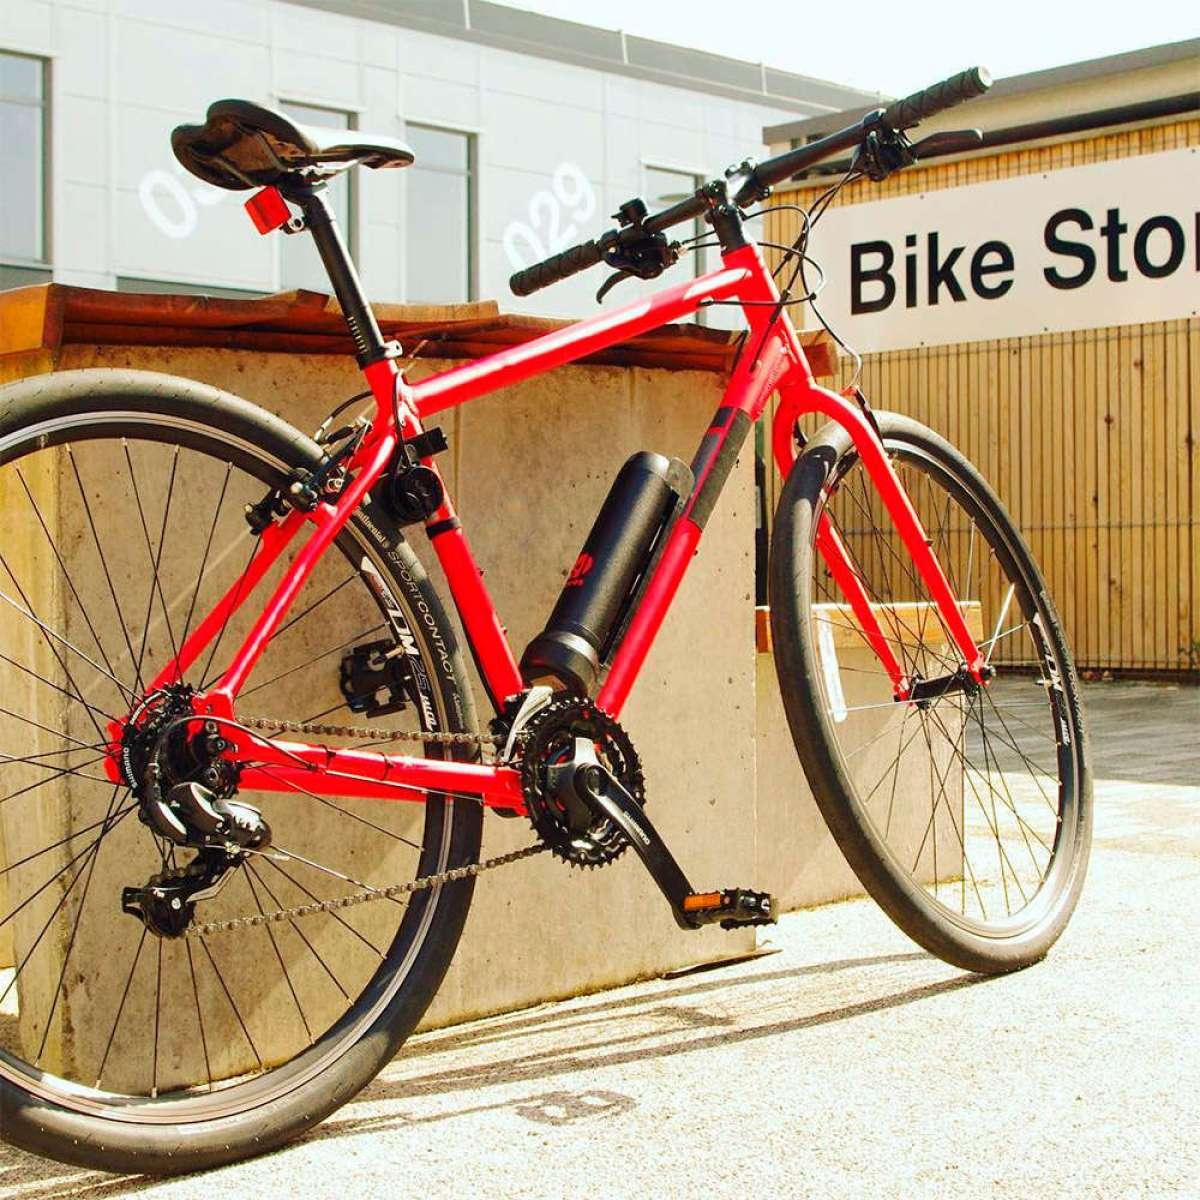 Revos, el sistema que transforma cualquier bicicleta normal en una bicicleta eléctrica